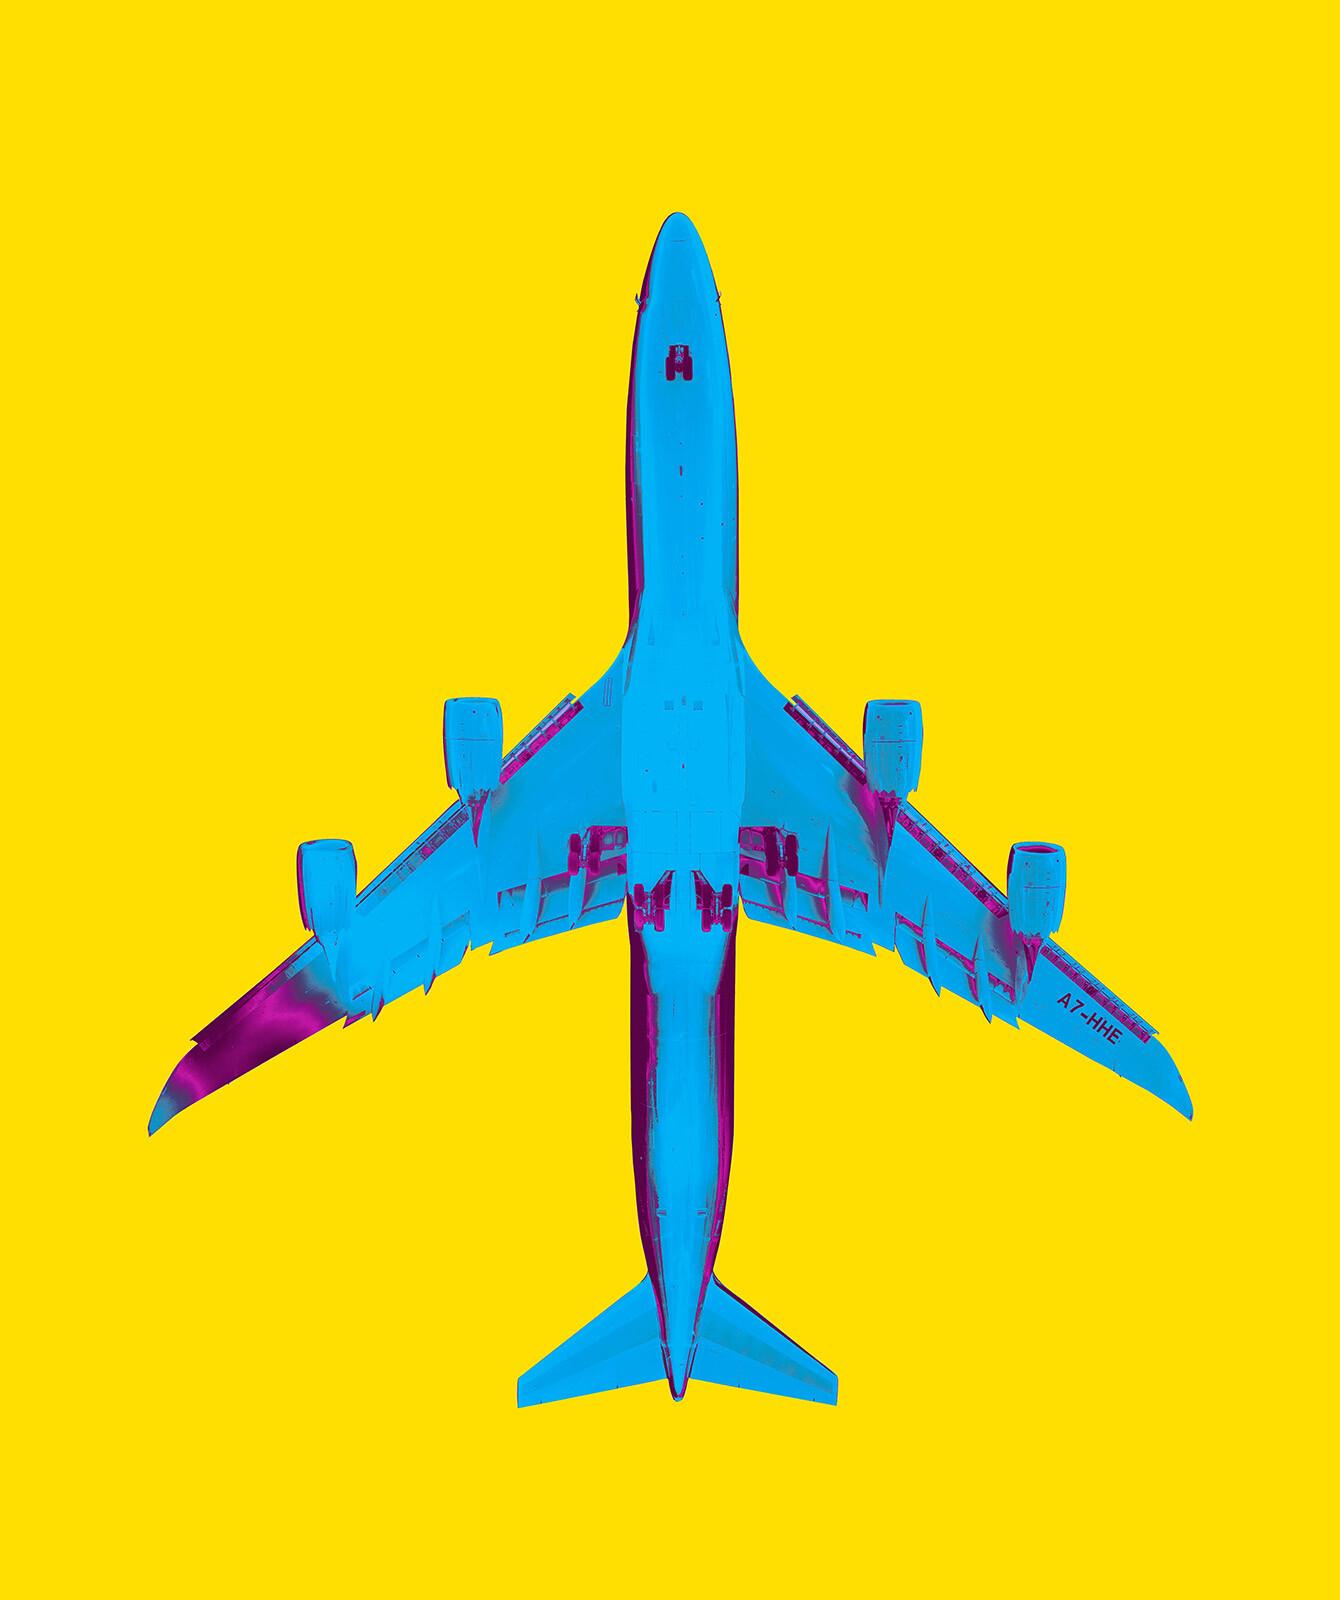 plane_06_15_24c - Thomas Eigel